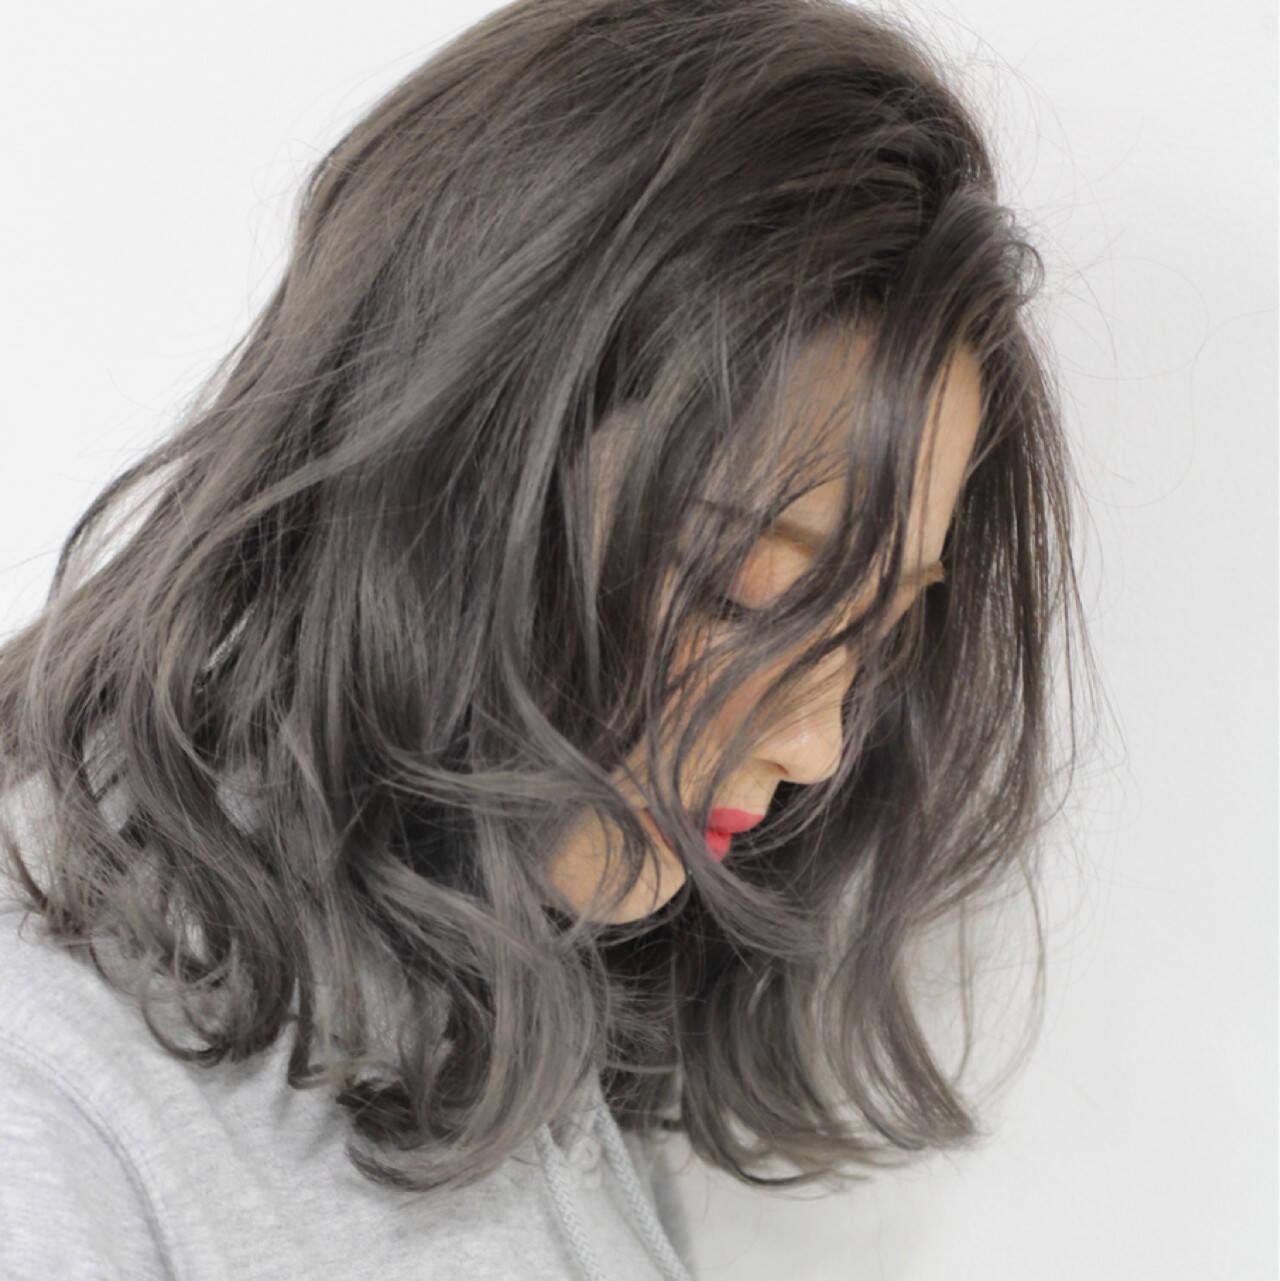 グラデーションカラー ストリート グレージュ ハイライトヘアスタイルや髪型の写真・画像